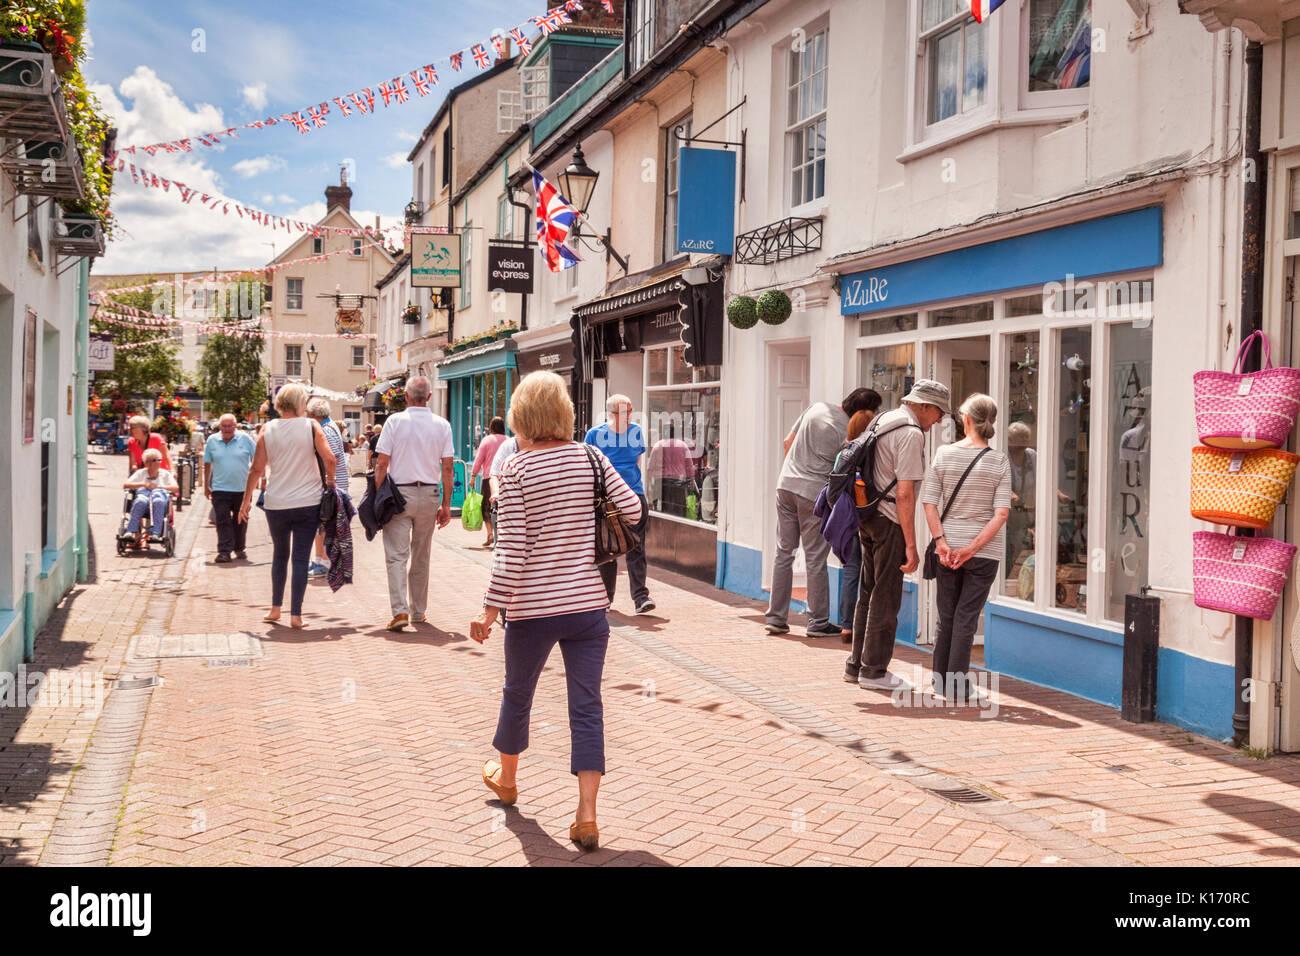 # Julio 2017: Sidmouth, Dorset, Inglaterra, Reino Unido - la gente de compras en Old Fore Street en un día soleado de verano. Centrarse en primer plano. Imagen De Stock